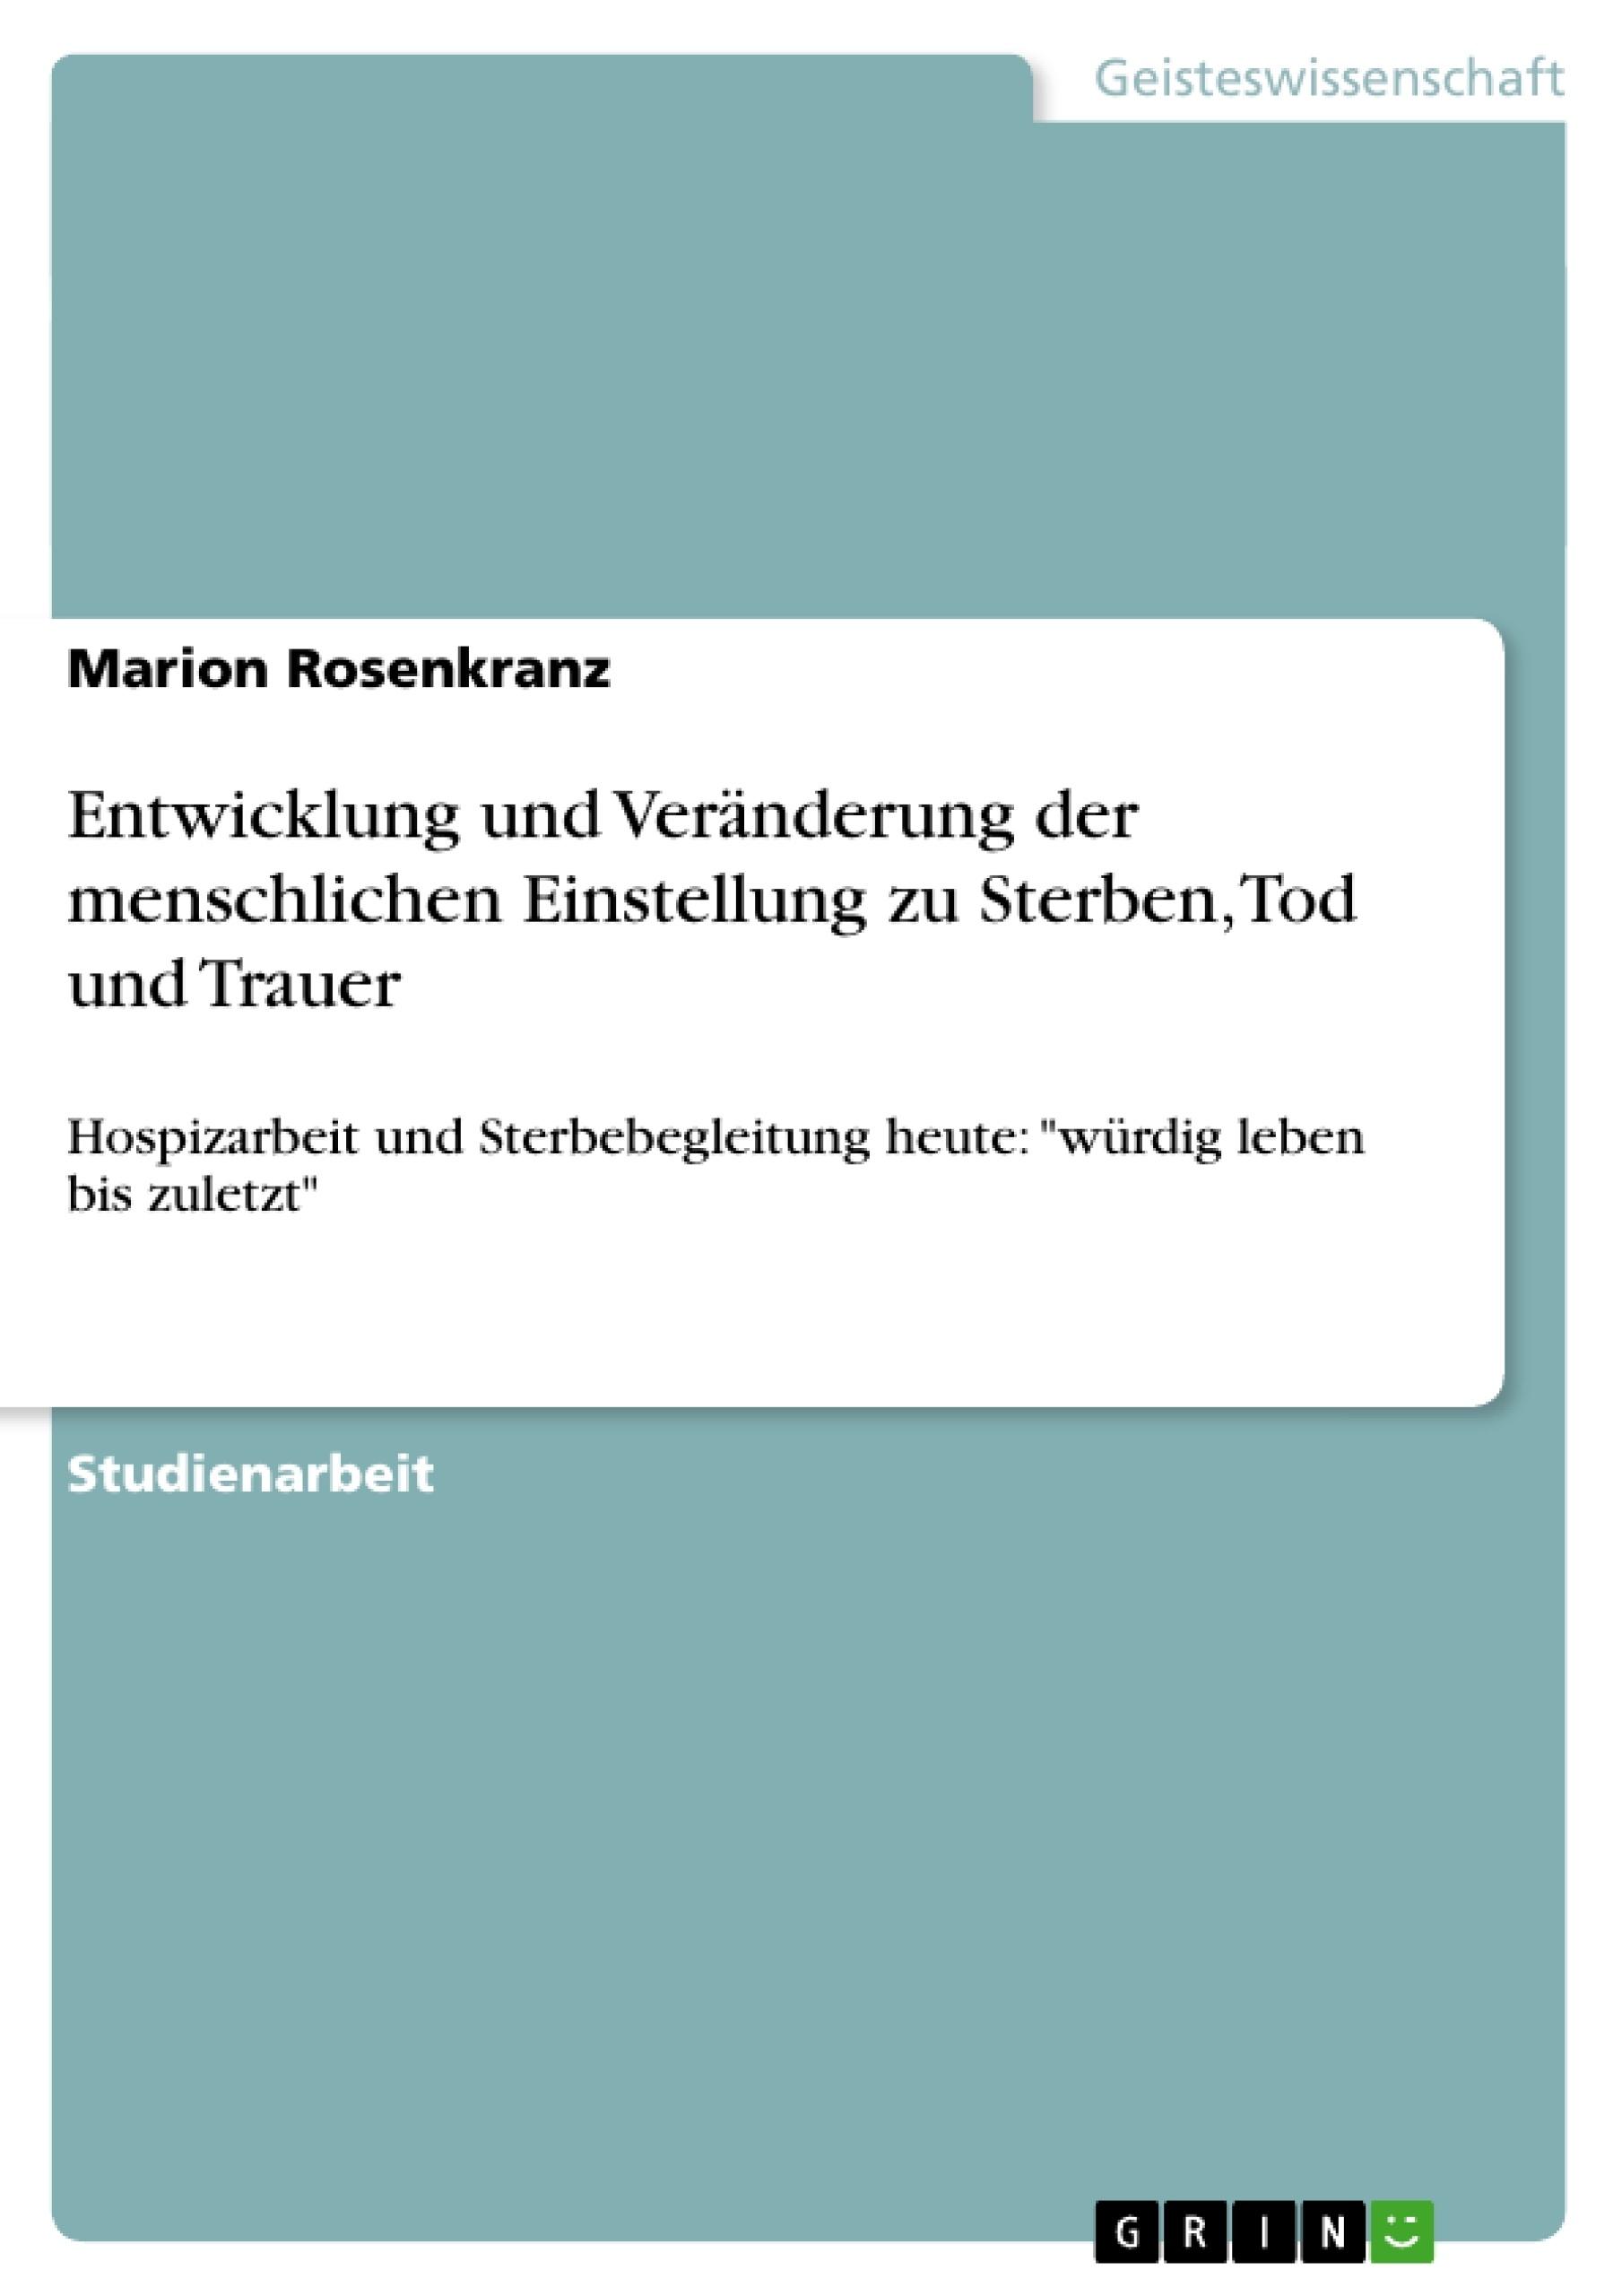 Titel: Entwicklung und Veränderung der menschlichen Einstellung zu Sterben, Tod und Trauer